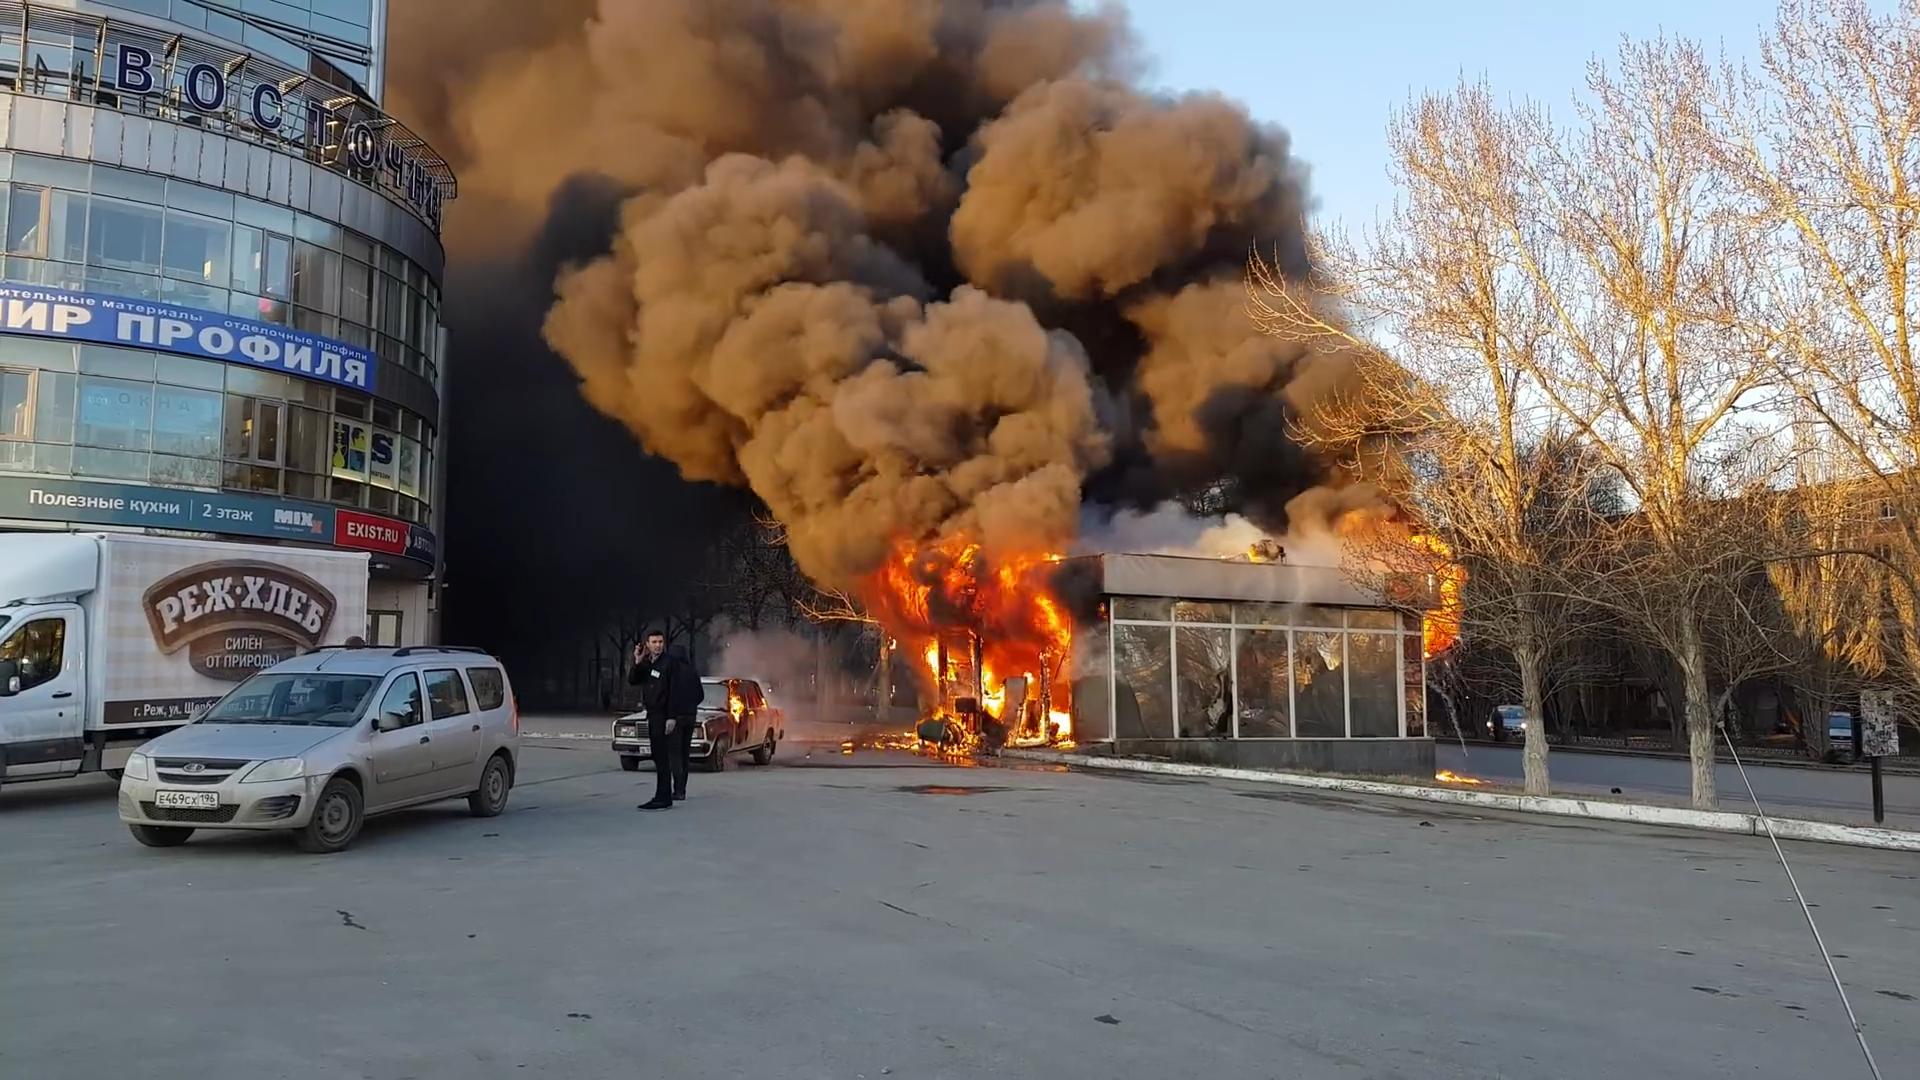 Закусочная «Югославия гриль» сгорела в Екатеринбурге